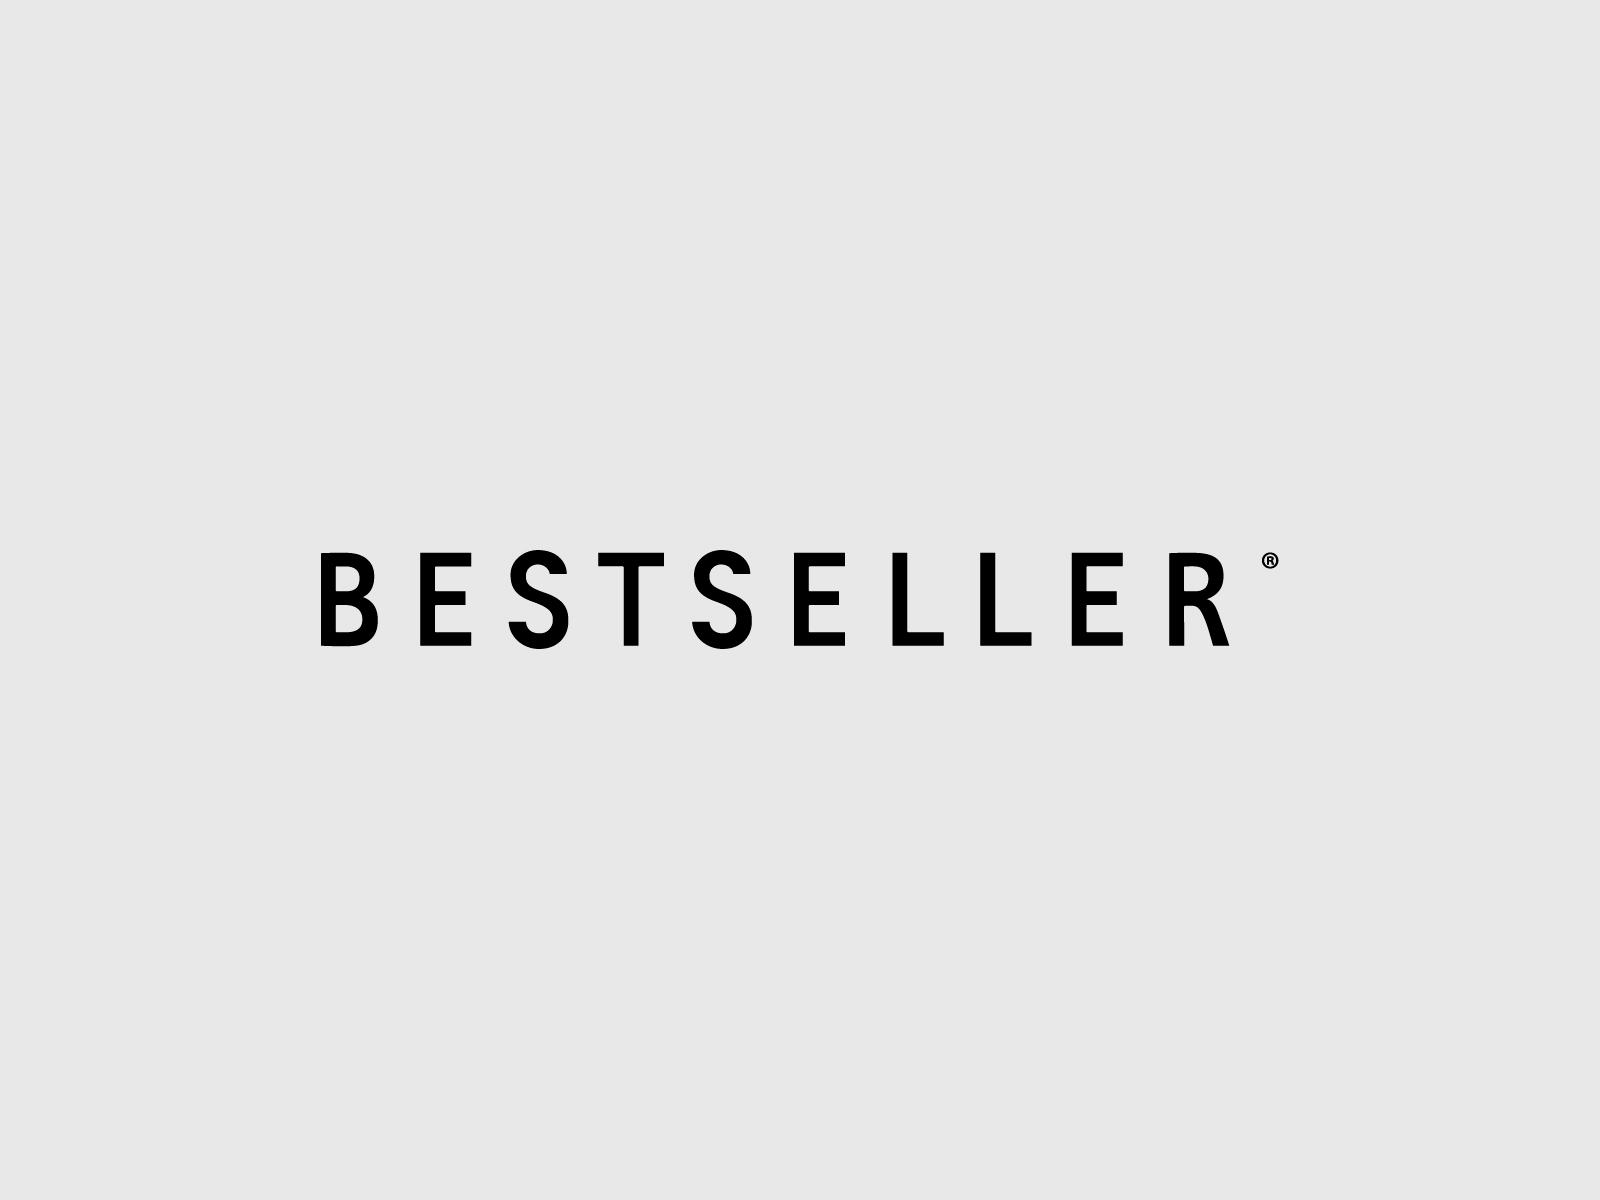 Bestseller_logo